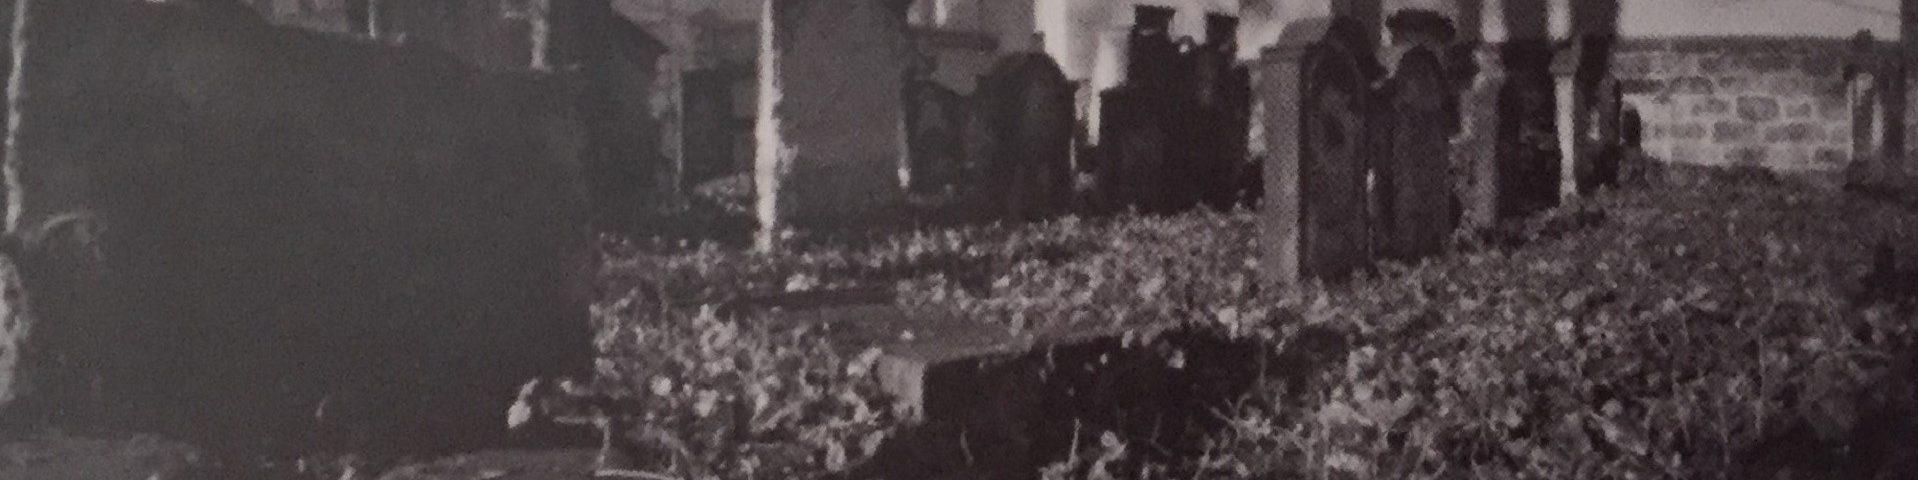 Mit der Kamera Obscura auf den Alten Jüdischen Friedhof